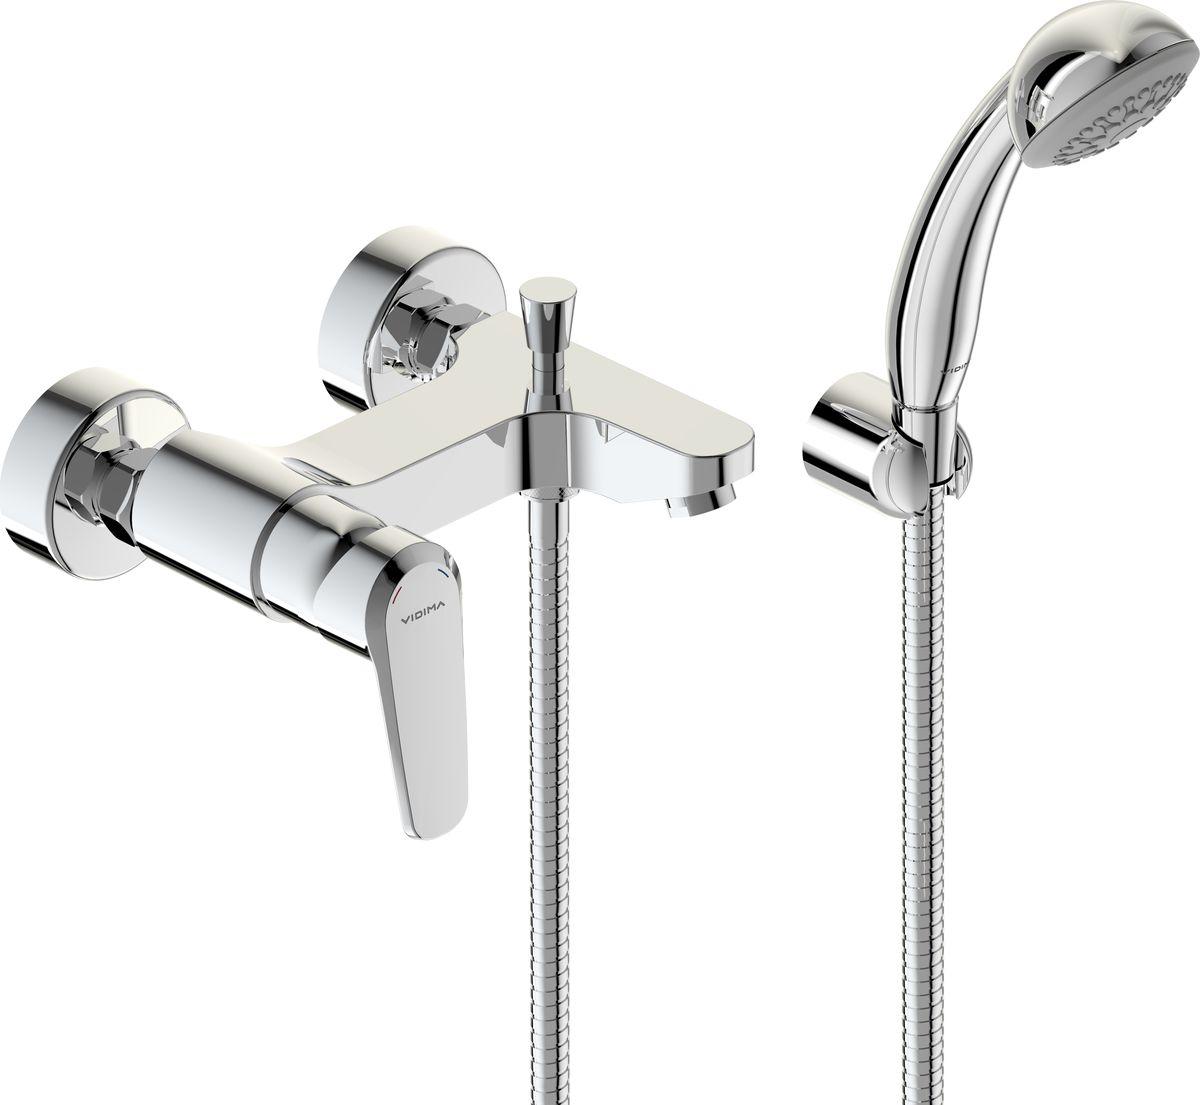 Смеситель для ванны Vidima Баланс, излив 154-161 ммBL505Смеситель для ванны Vidima Баланс имеет корпус и излив из 100% латуни. Изделие устанавливается на стену. Система облегченного монтажа SmartFix обеспечивает комфорт во время установки и надежность эксплуатации. Монтаж производится на стандартных эксцентриках (в комплекте: эксцентрики, металлические отражатели, уплотнительные прокладки). Смеситель снабжен литым изливом и аэратором Perlator. Металлическая рукоятка имеет систему защиты от нагревания Comfort Touch и индикатор холодной/горячей воды. Душевой гарнитур в комплекте (душевая лейка, металлический шланг, держатель для лейки). Переключение ванна/душ ручное. Возможность использовать функцию душ даже при очень низком давлении воды. Технические характеристики: Высота излива: 154-161 мм. Расстояние от стены до аэратора: 161 мм. Керамический картридж: 35 мм. Диаметр душевой лейки: 70 мм. Длина металлического шланга: 150 см.